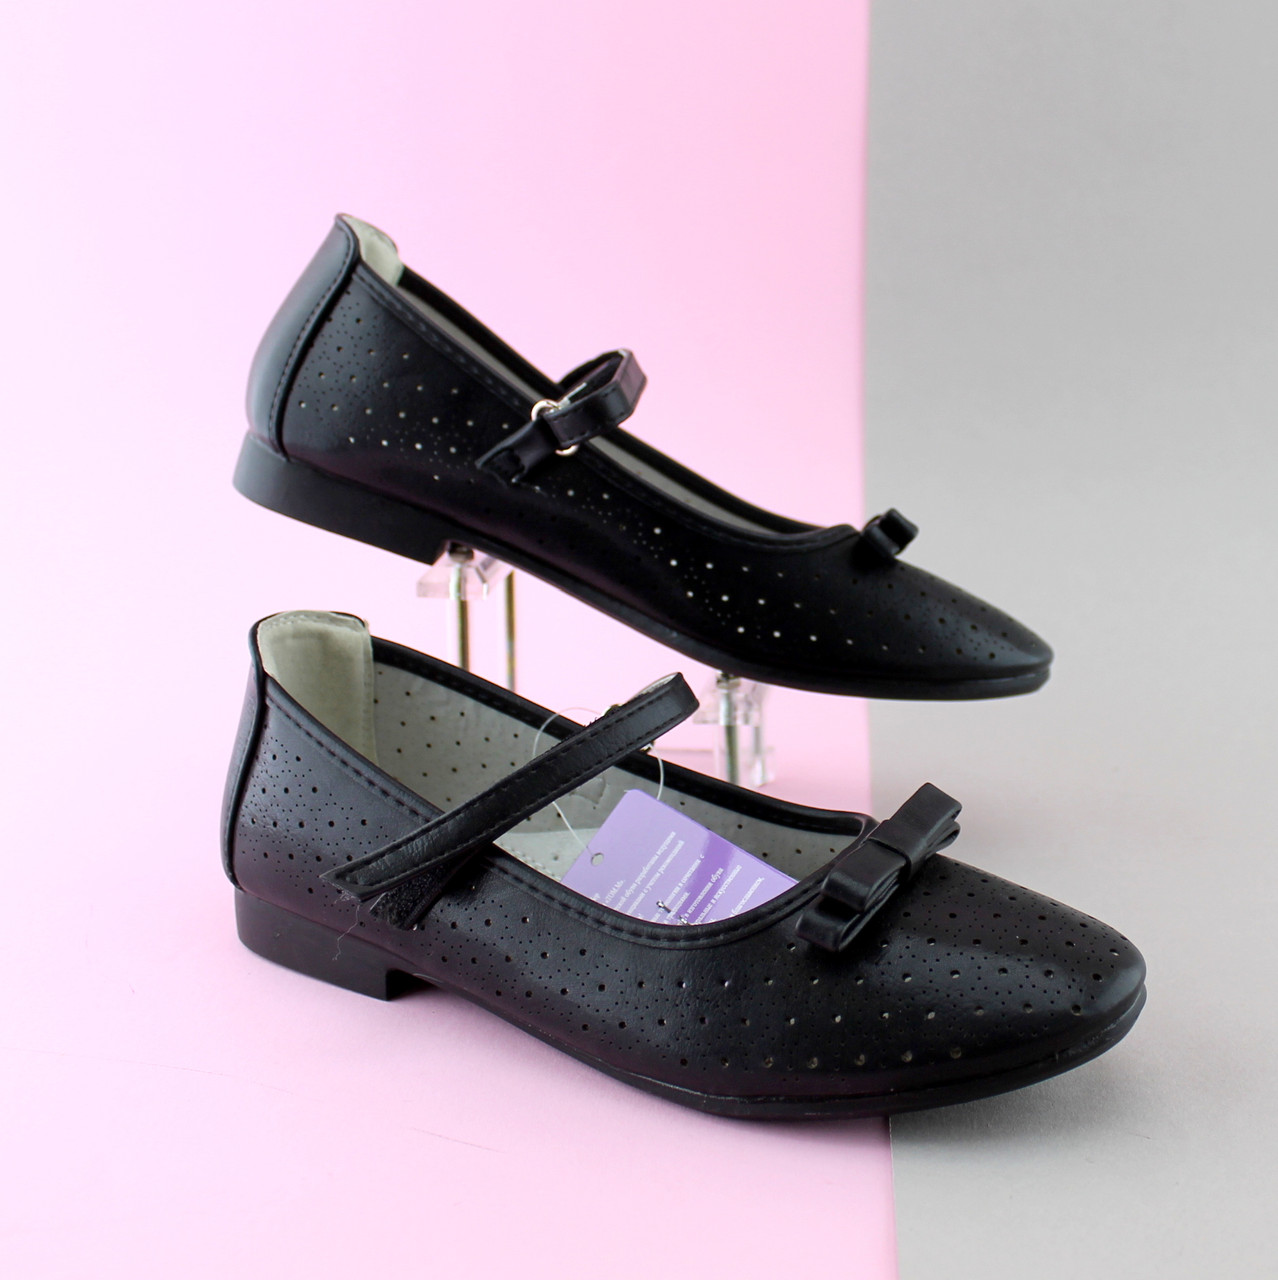 c4acfc986 Подростковые черные туфли на девочку, детские школьные туфли с бантом тм  Том.м р